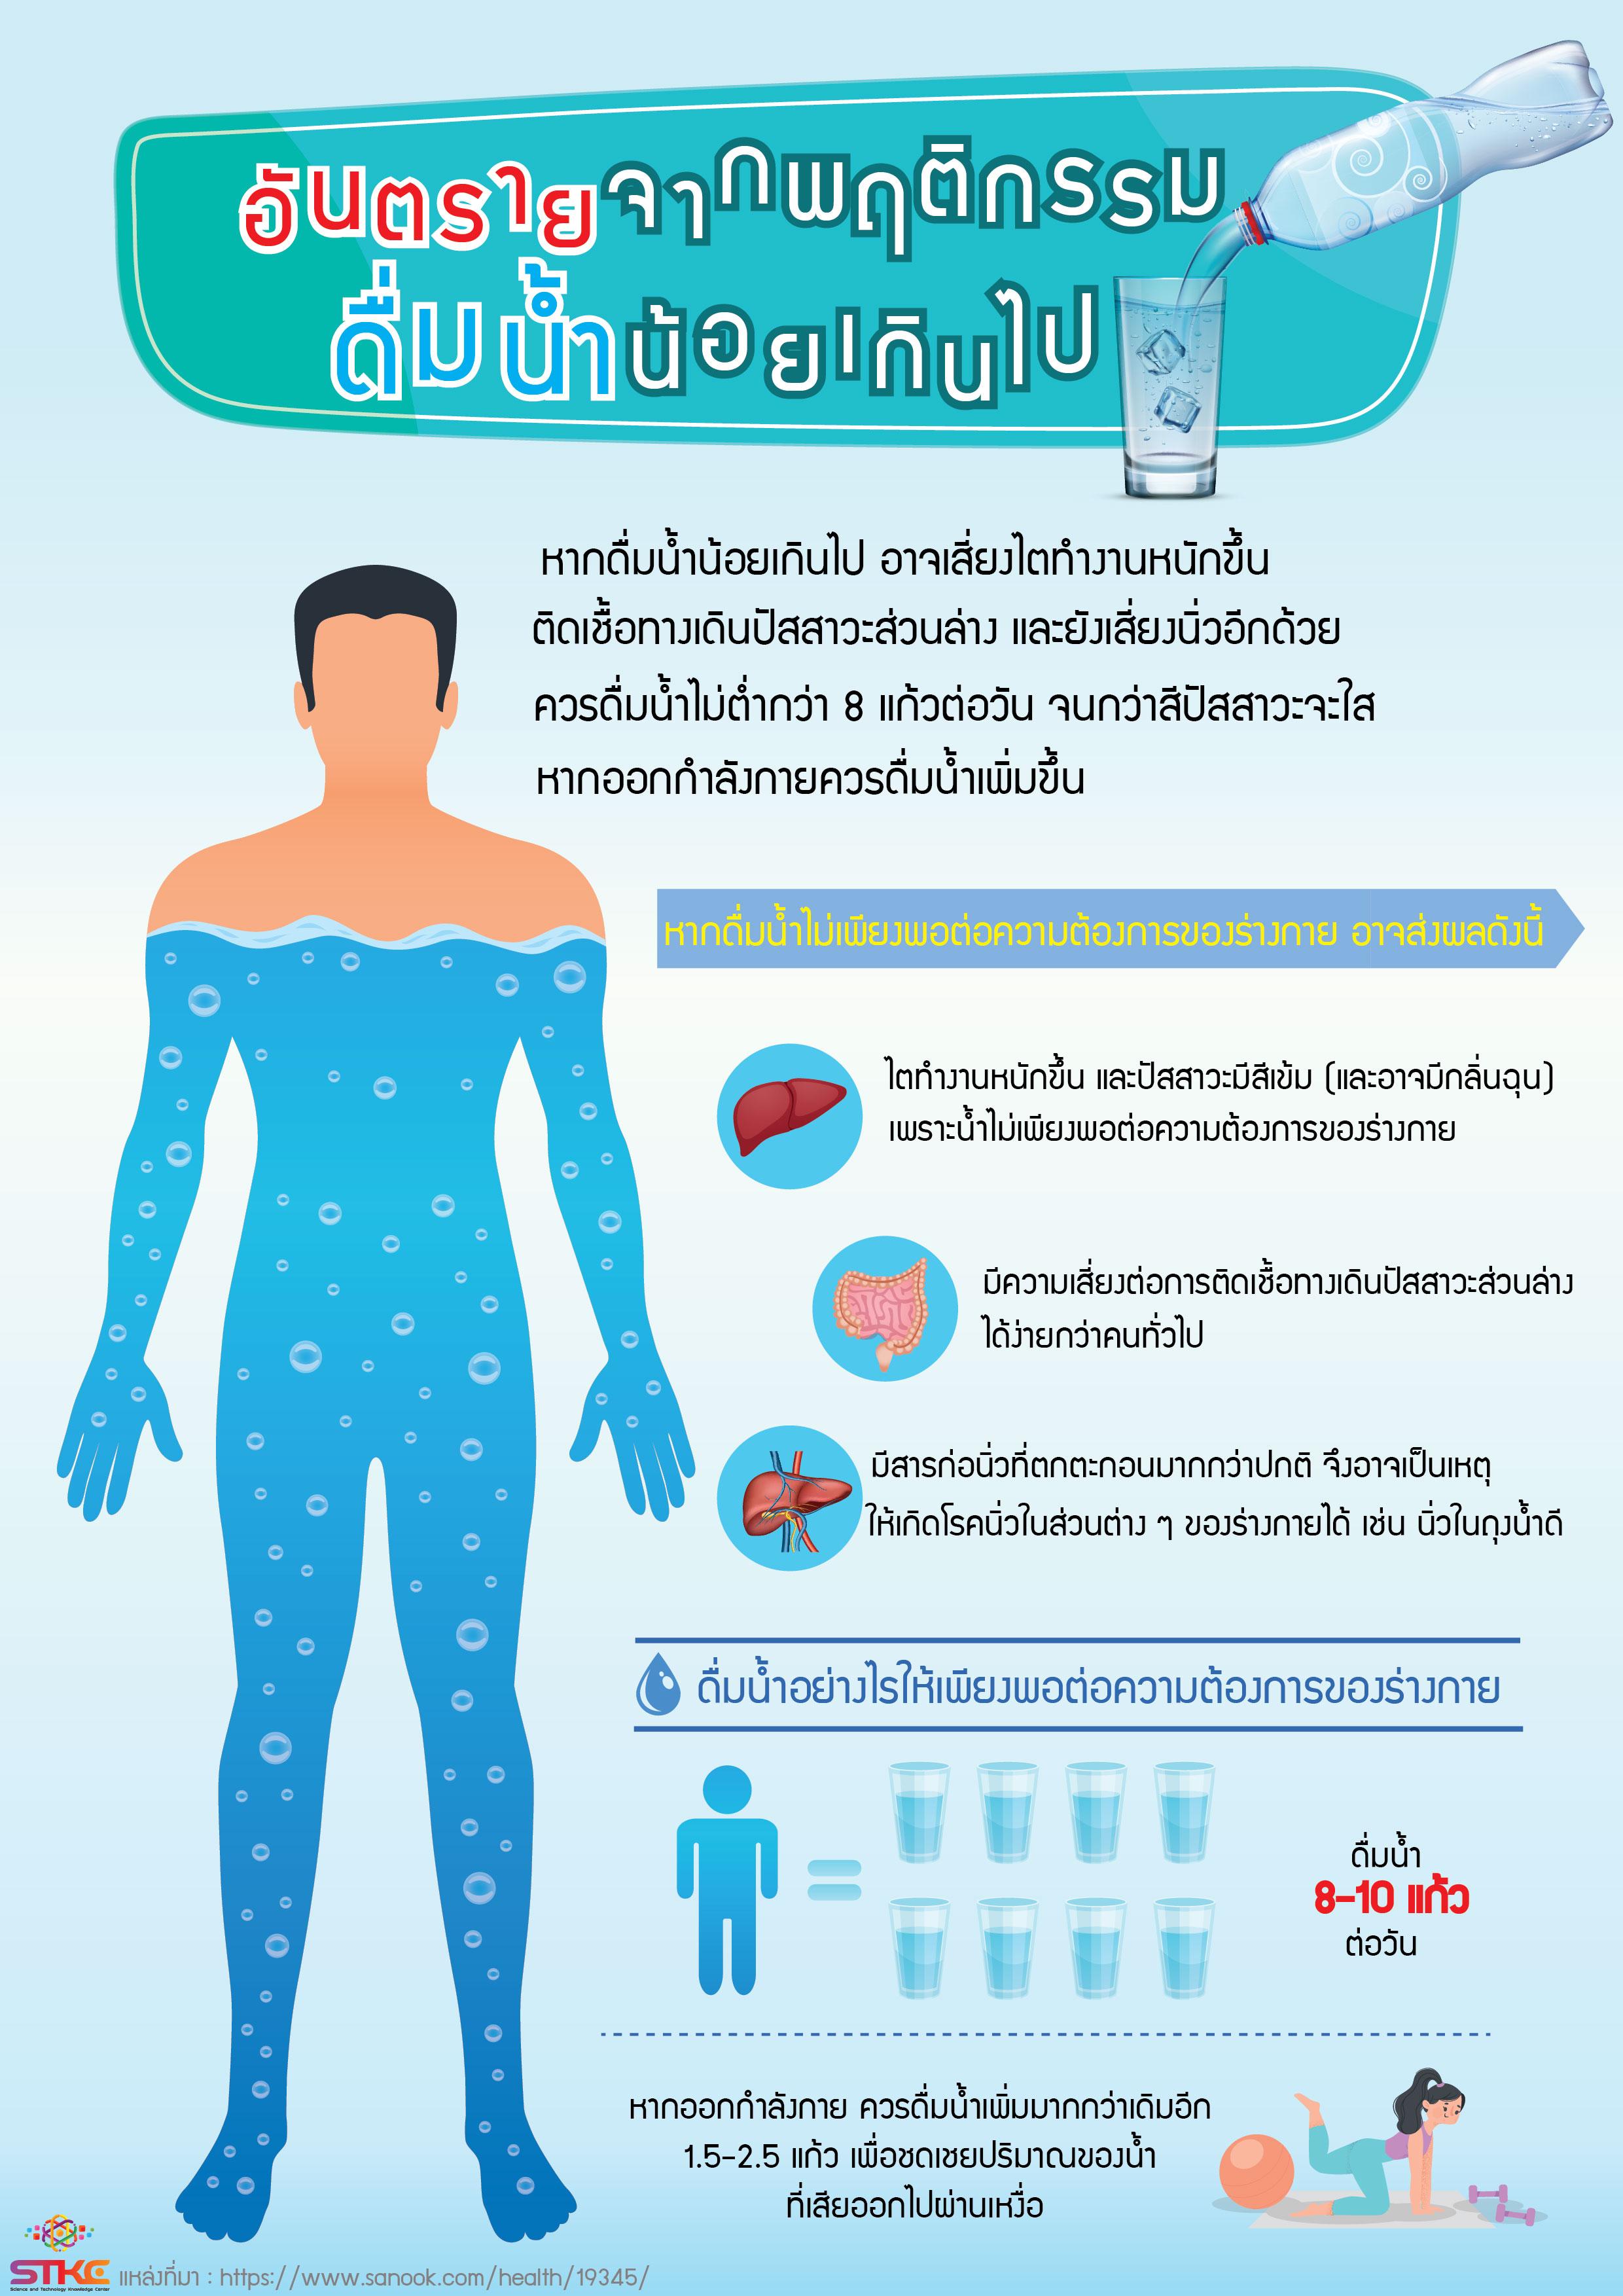 อันตรายจากพฤติกรรม ดื่มน้ำน้อยเกินไป